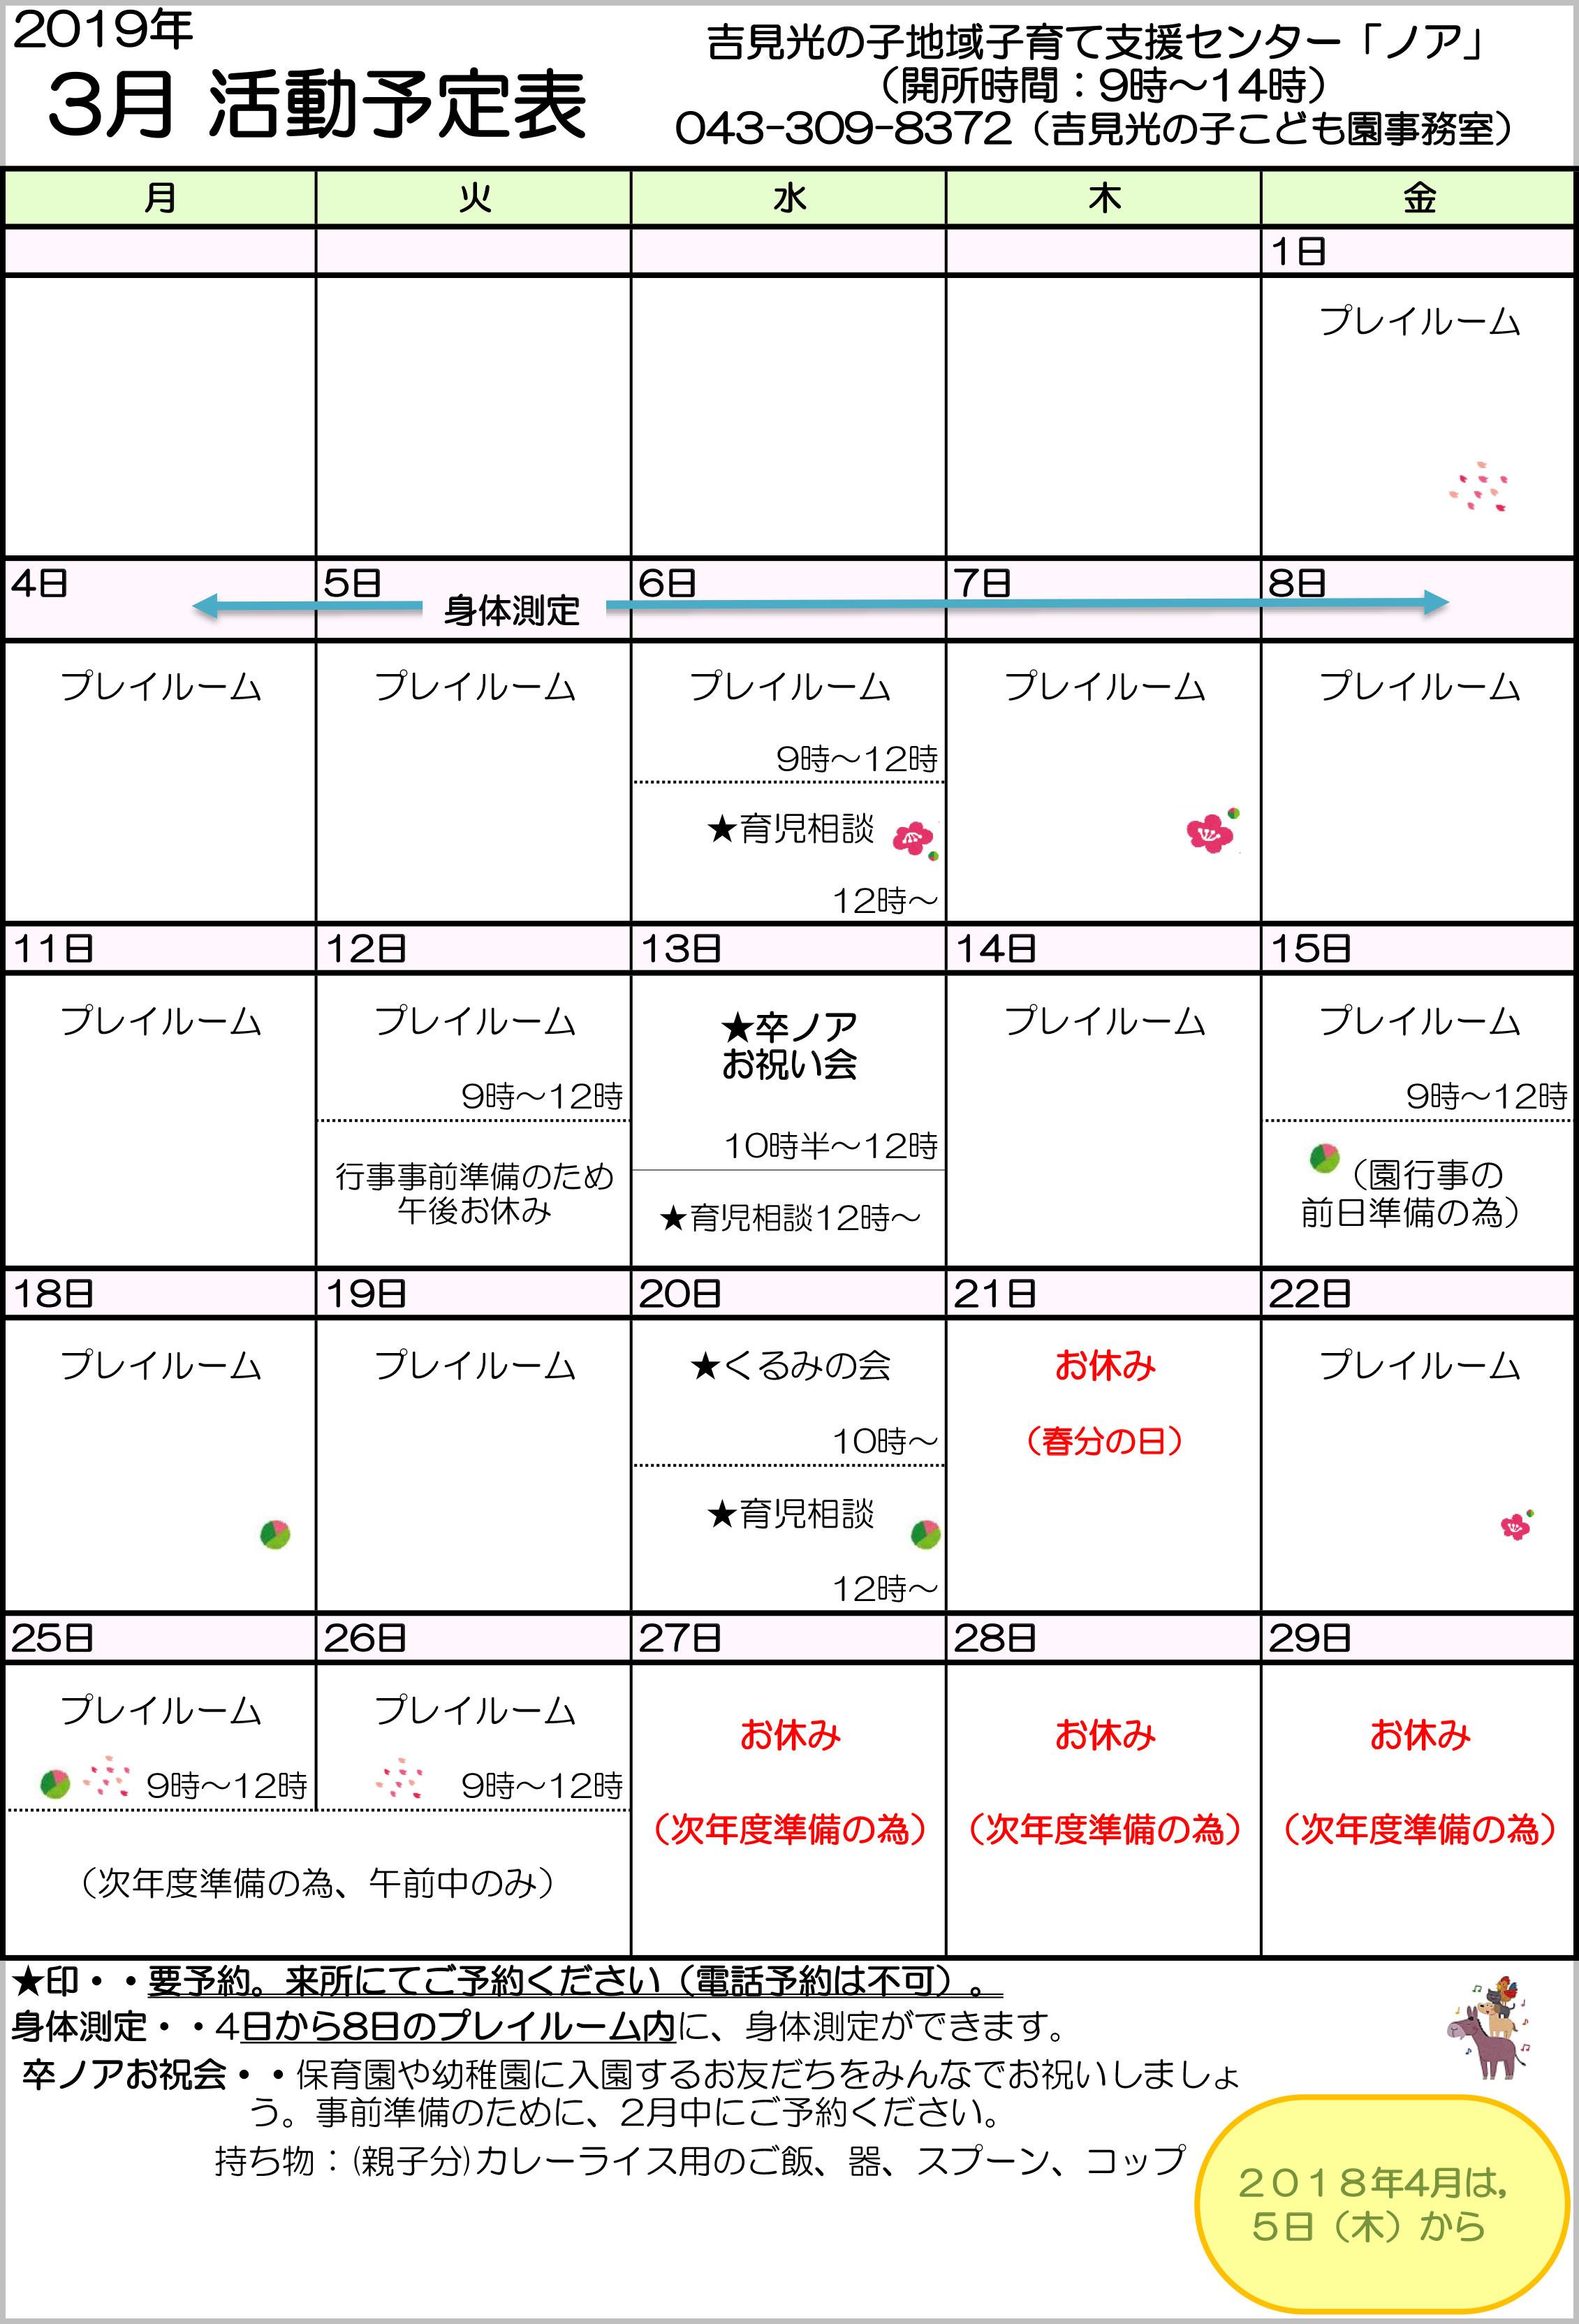 2019年3月ノア活動予定表